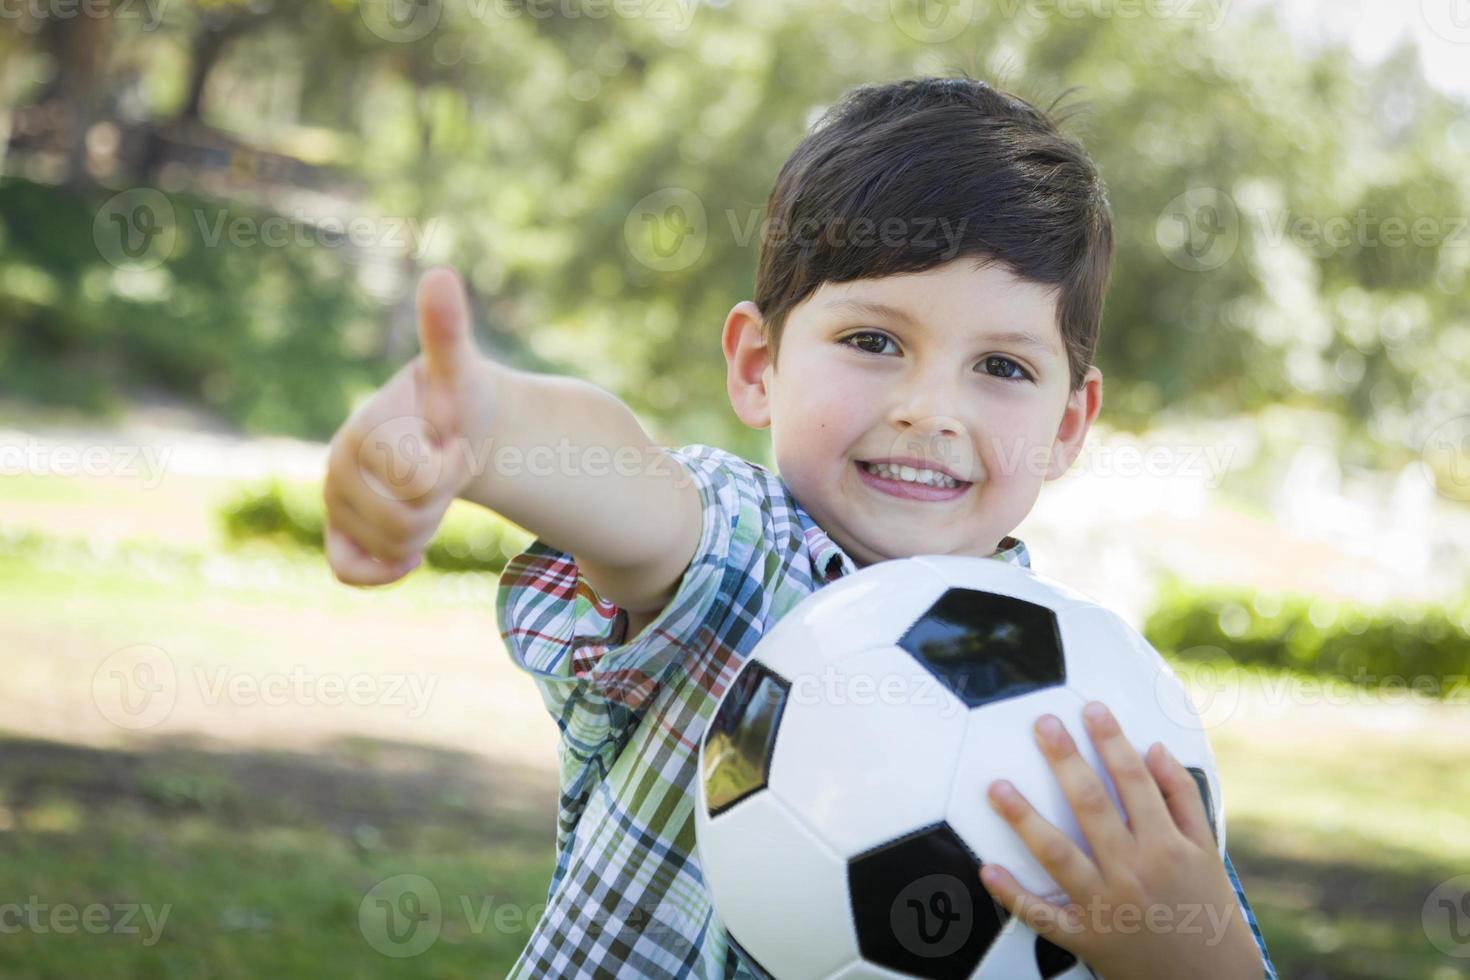 Lindo niño jugando con balón de fútbol en el parque foto